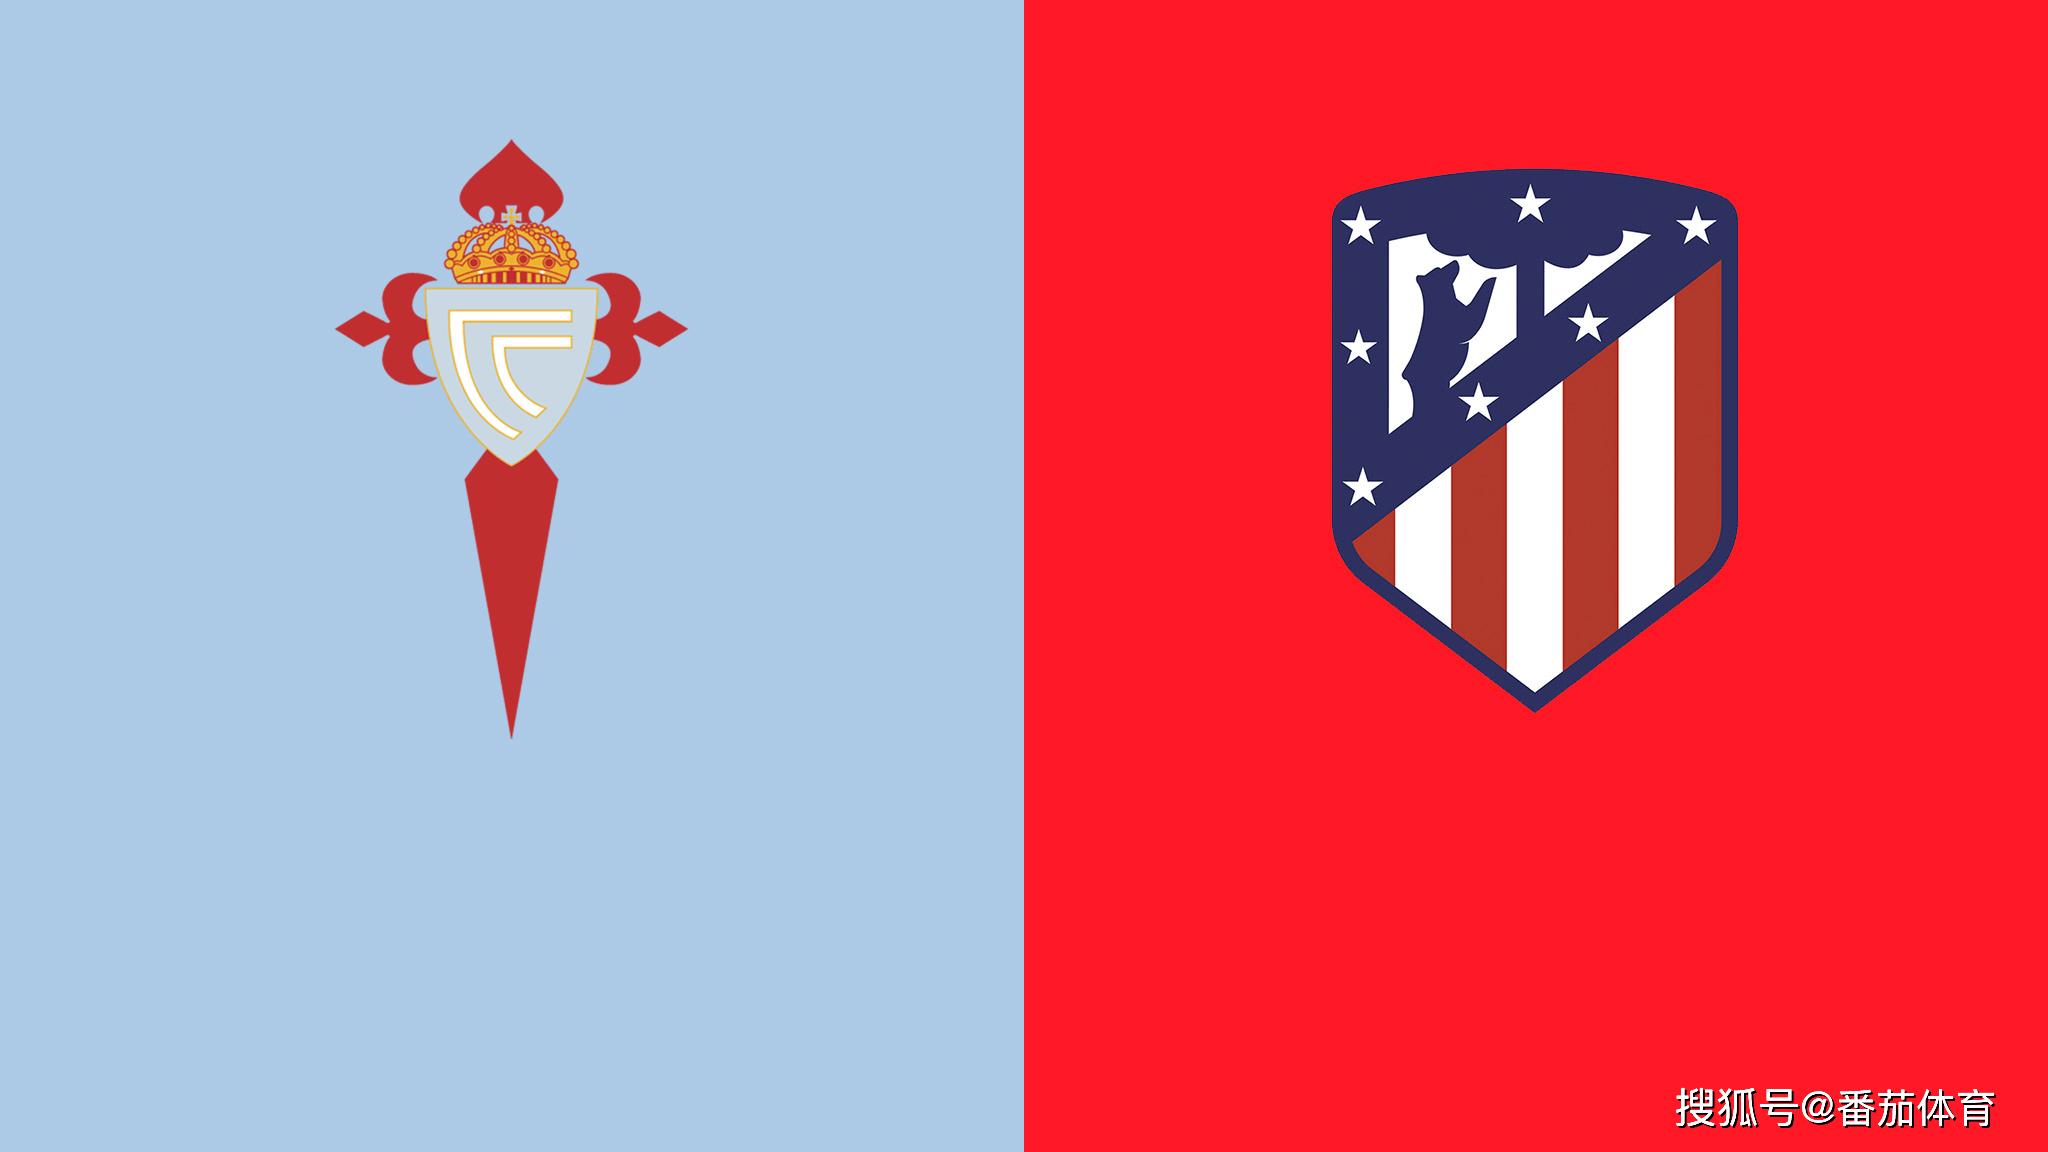 [西甲]赛事前瞻:塞尔塔vs马德里竞技,马竞重回胜轨